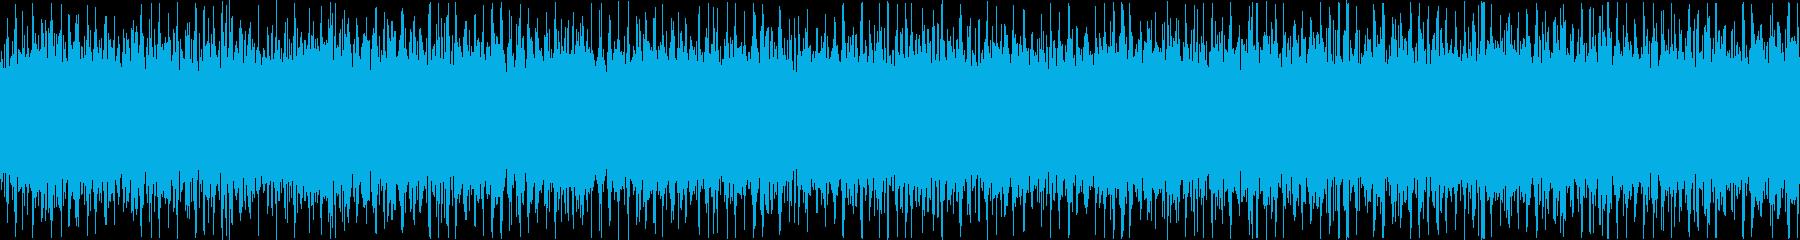 ザァー(FMラジオのノイズB)ループ処理の再生済みの波形